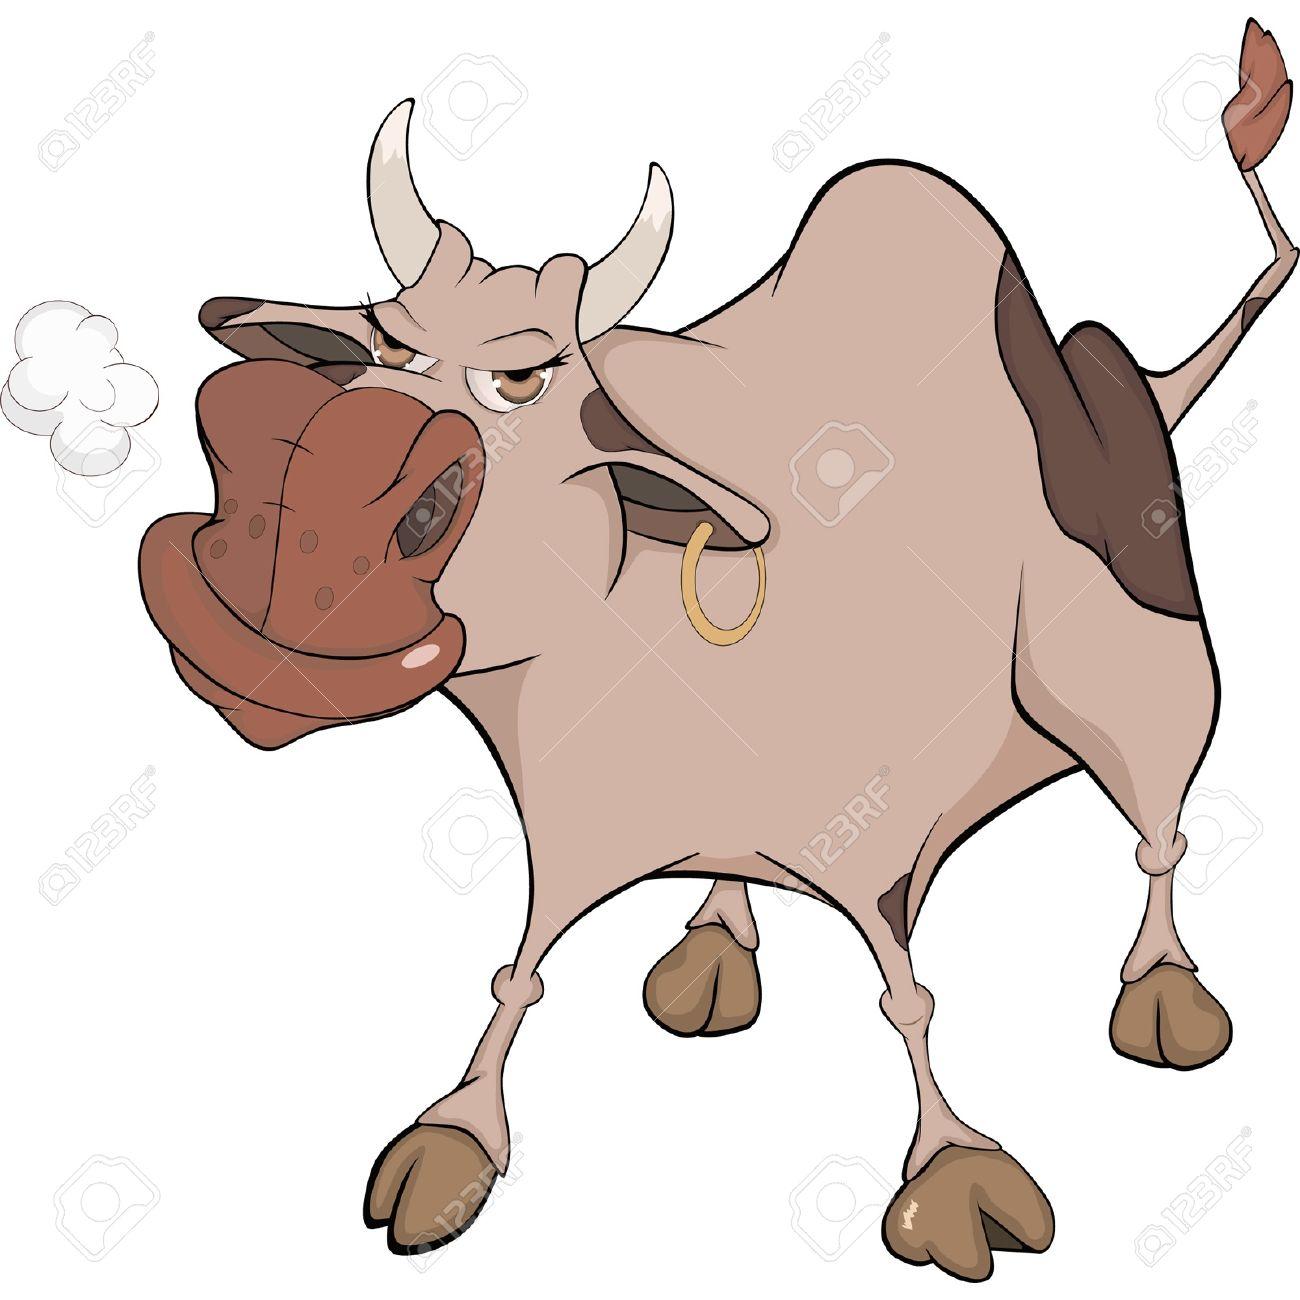 Животное бык с пистолетом или ружьем картинка 3